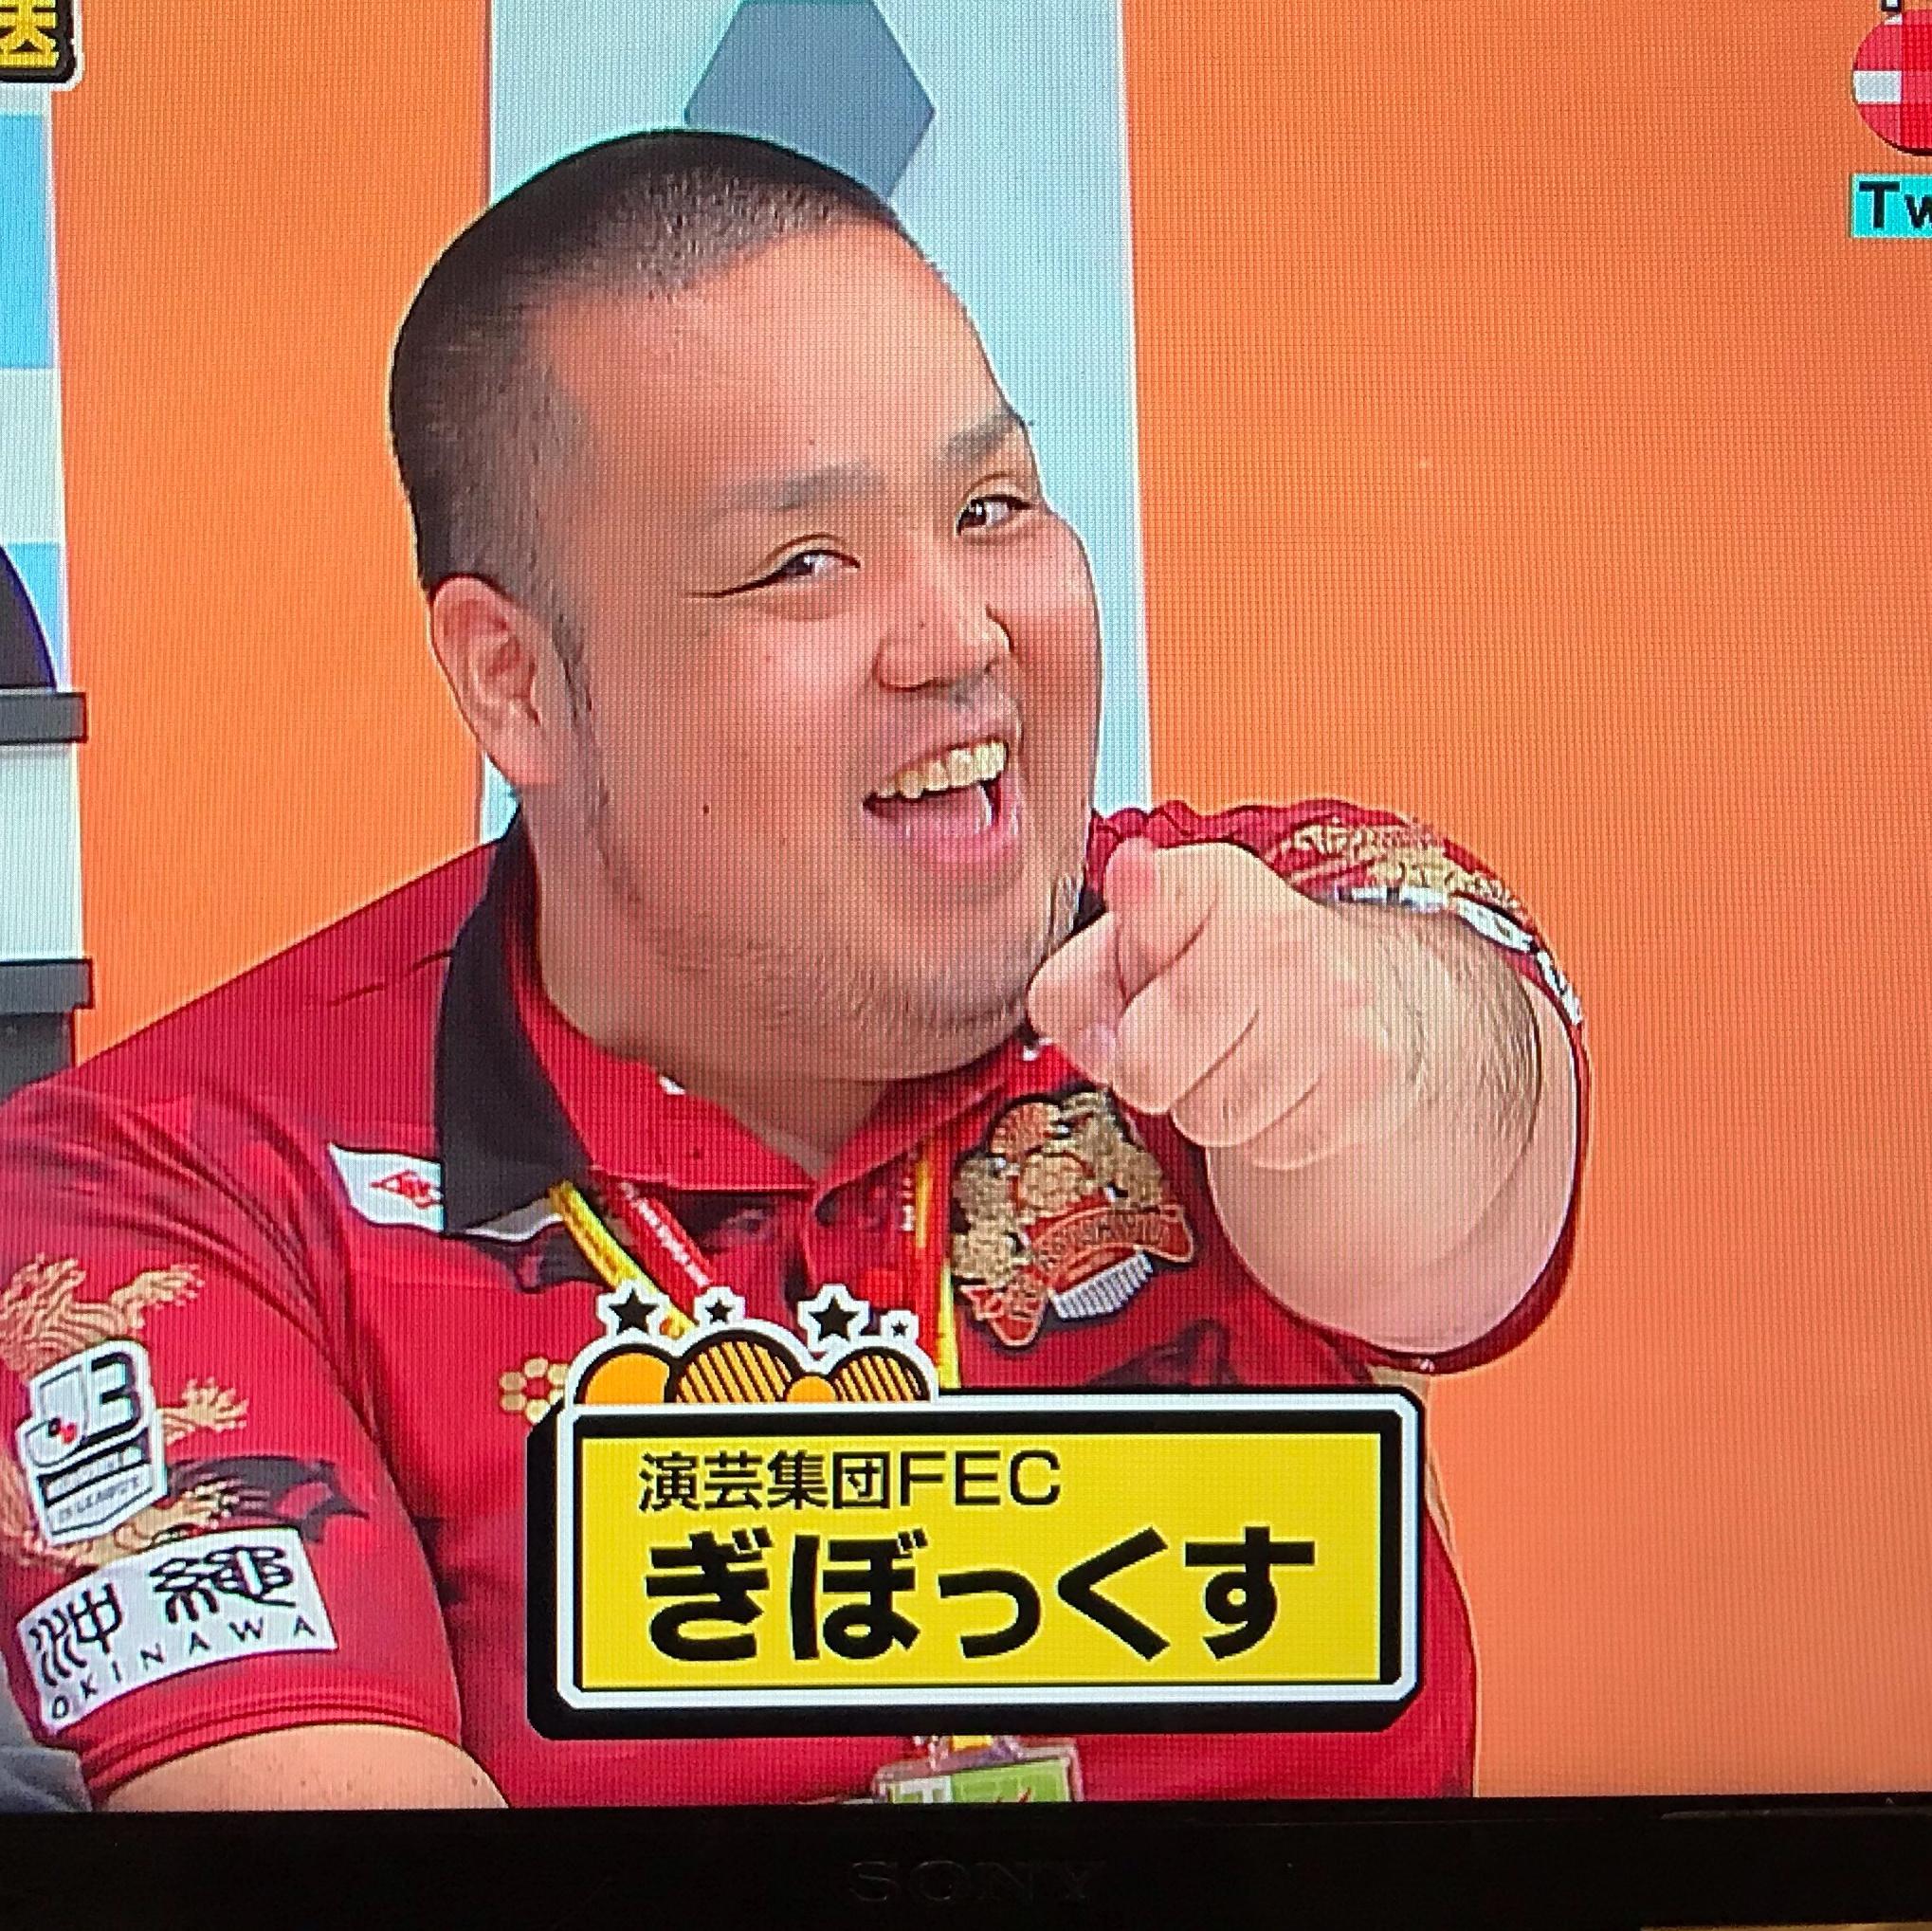 FC琉球vs柏レイソル試合後のぼやき